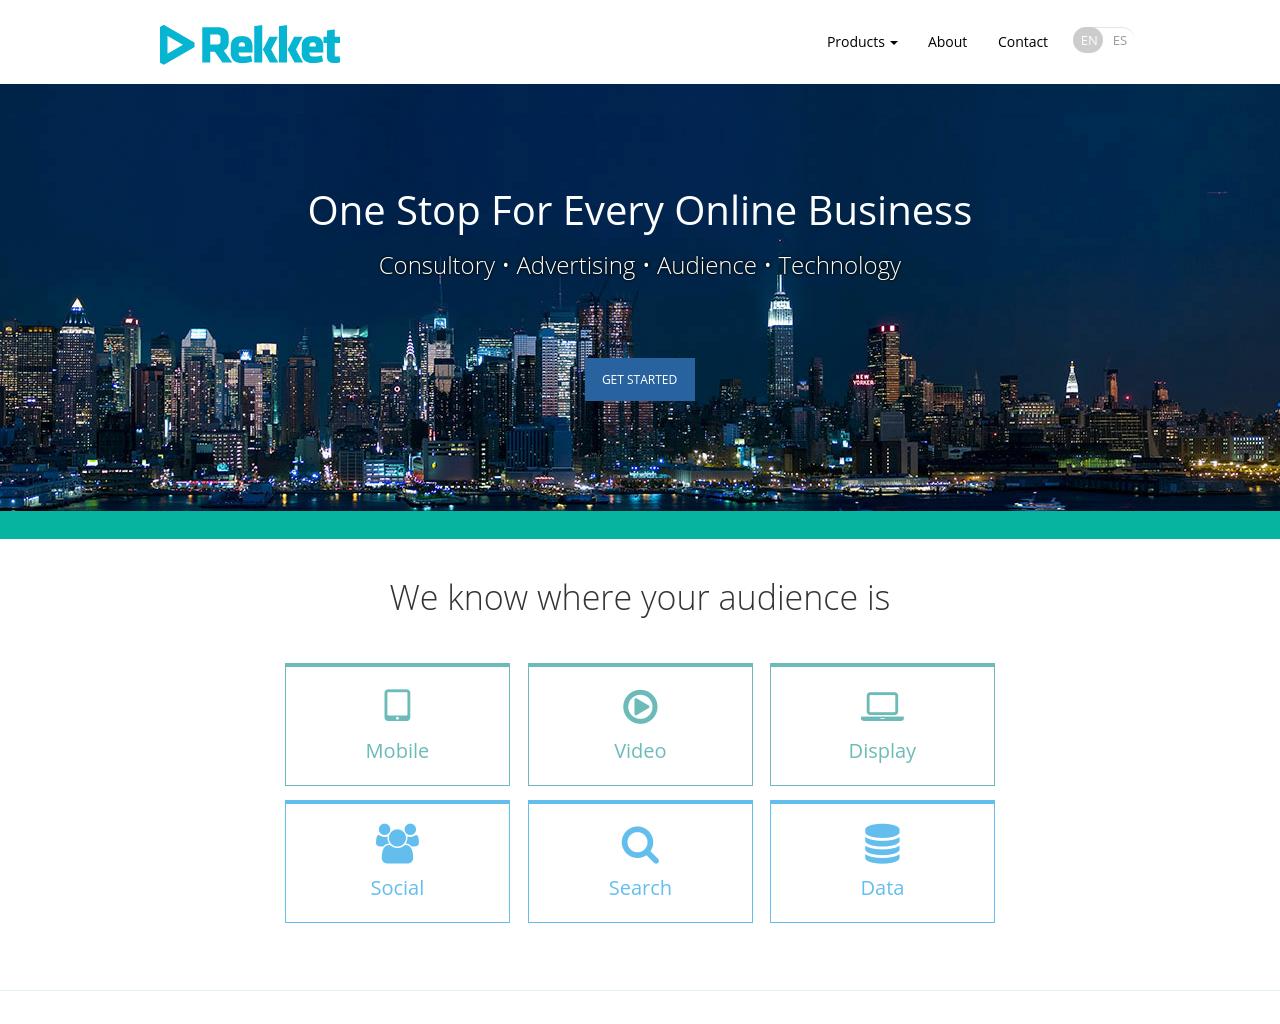 Rekket-Advertising-Reviews-Pricing